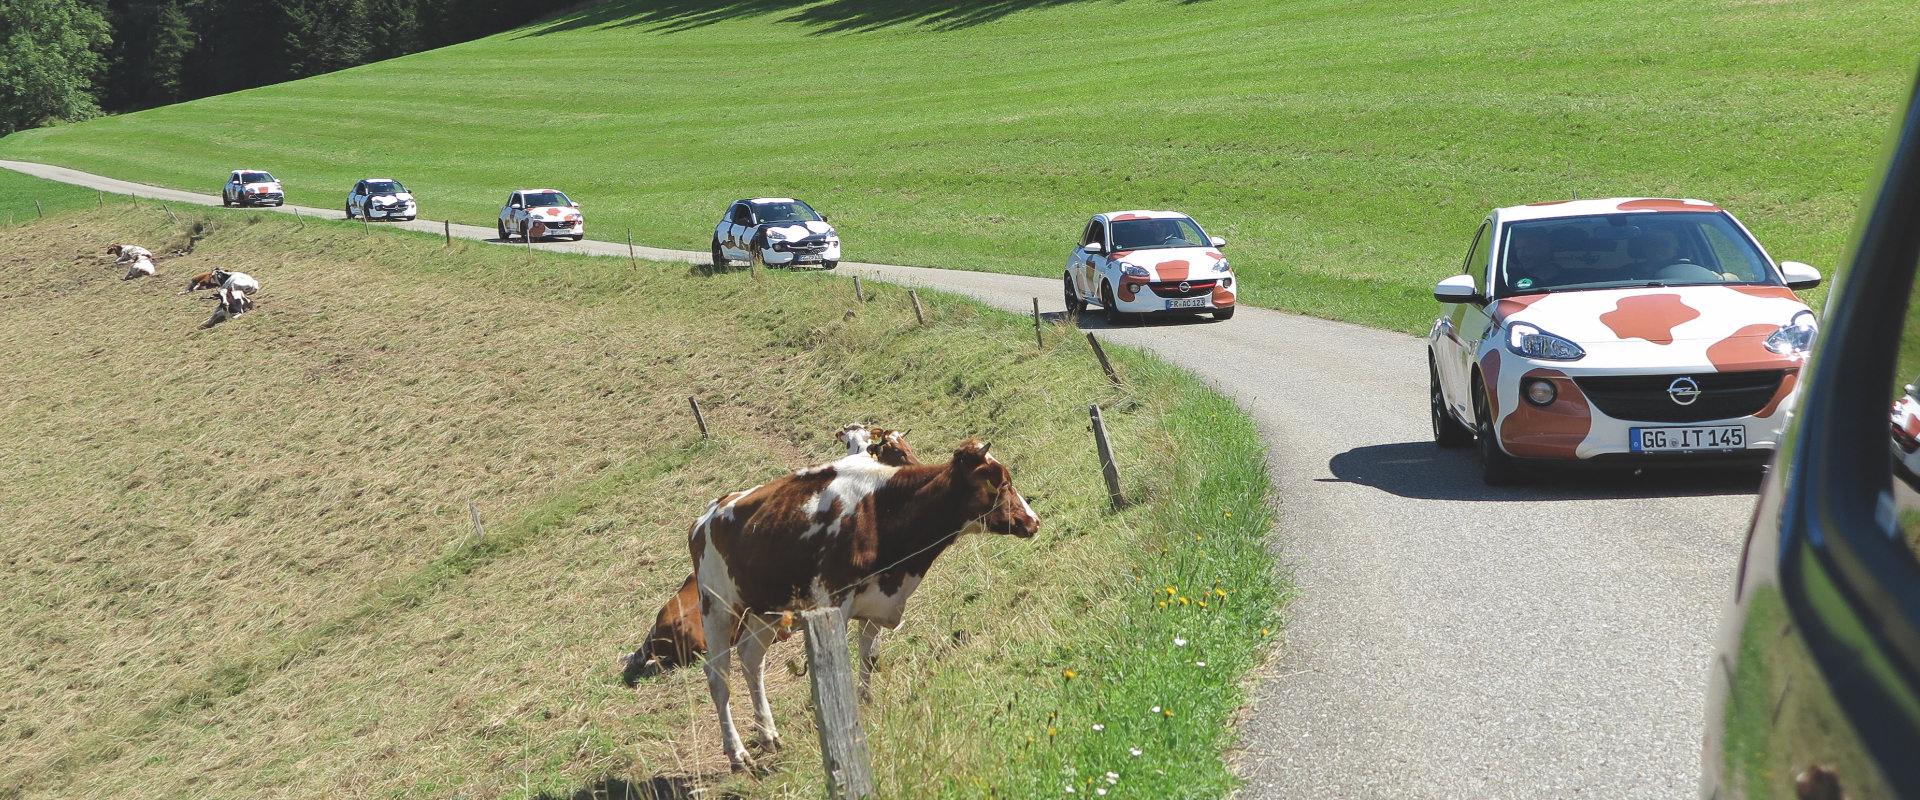 Guerilla Aktion Schwarzwaldmilch Almabtrieb mit Autos